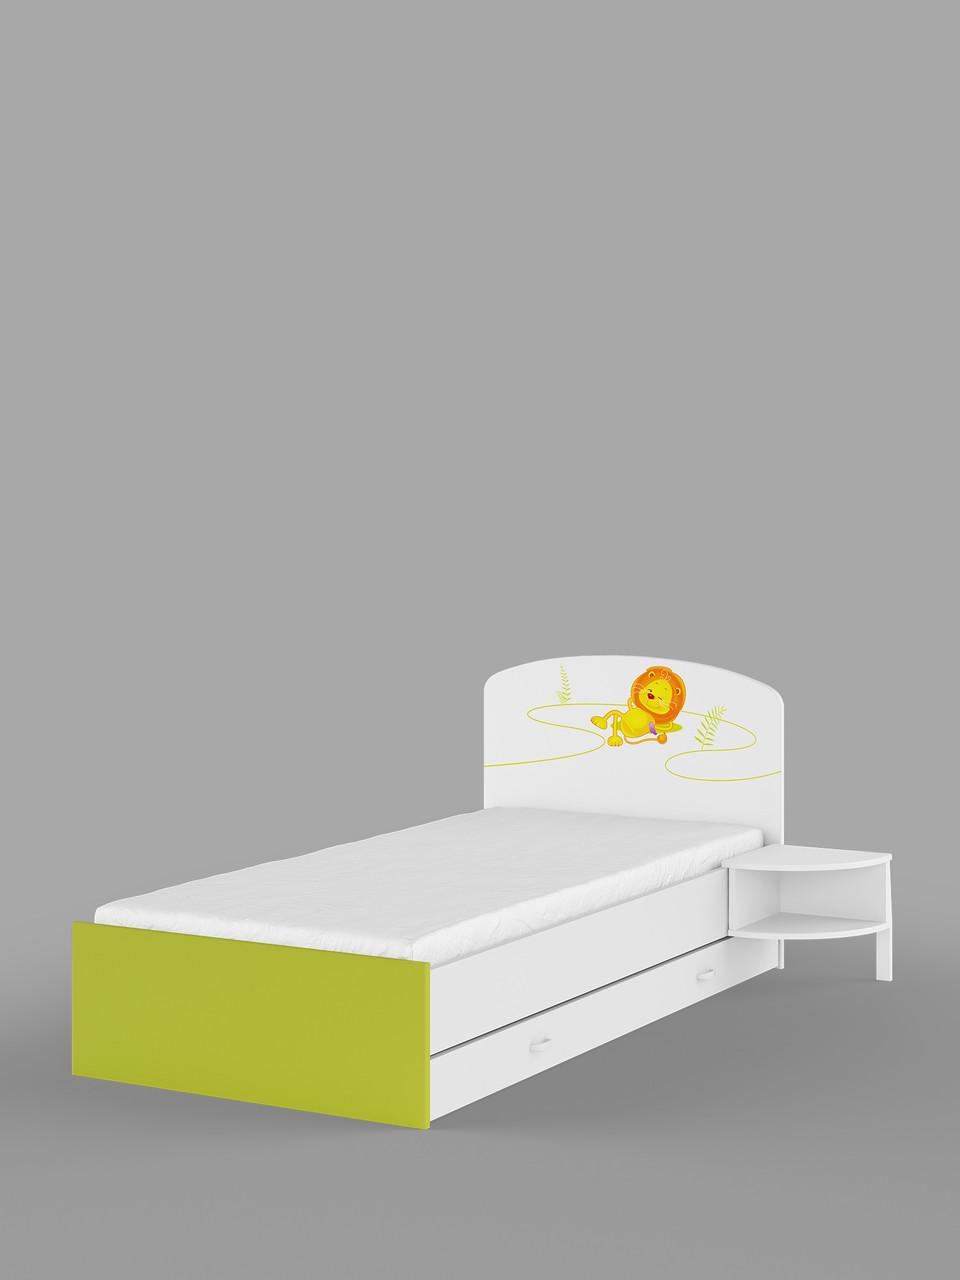 Кровать детская 90х200, Meblik (Польша)